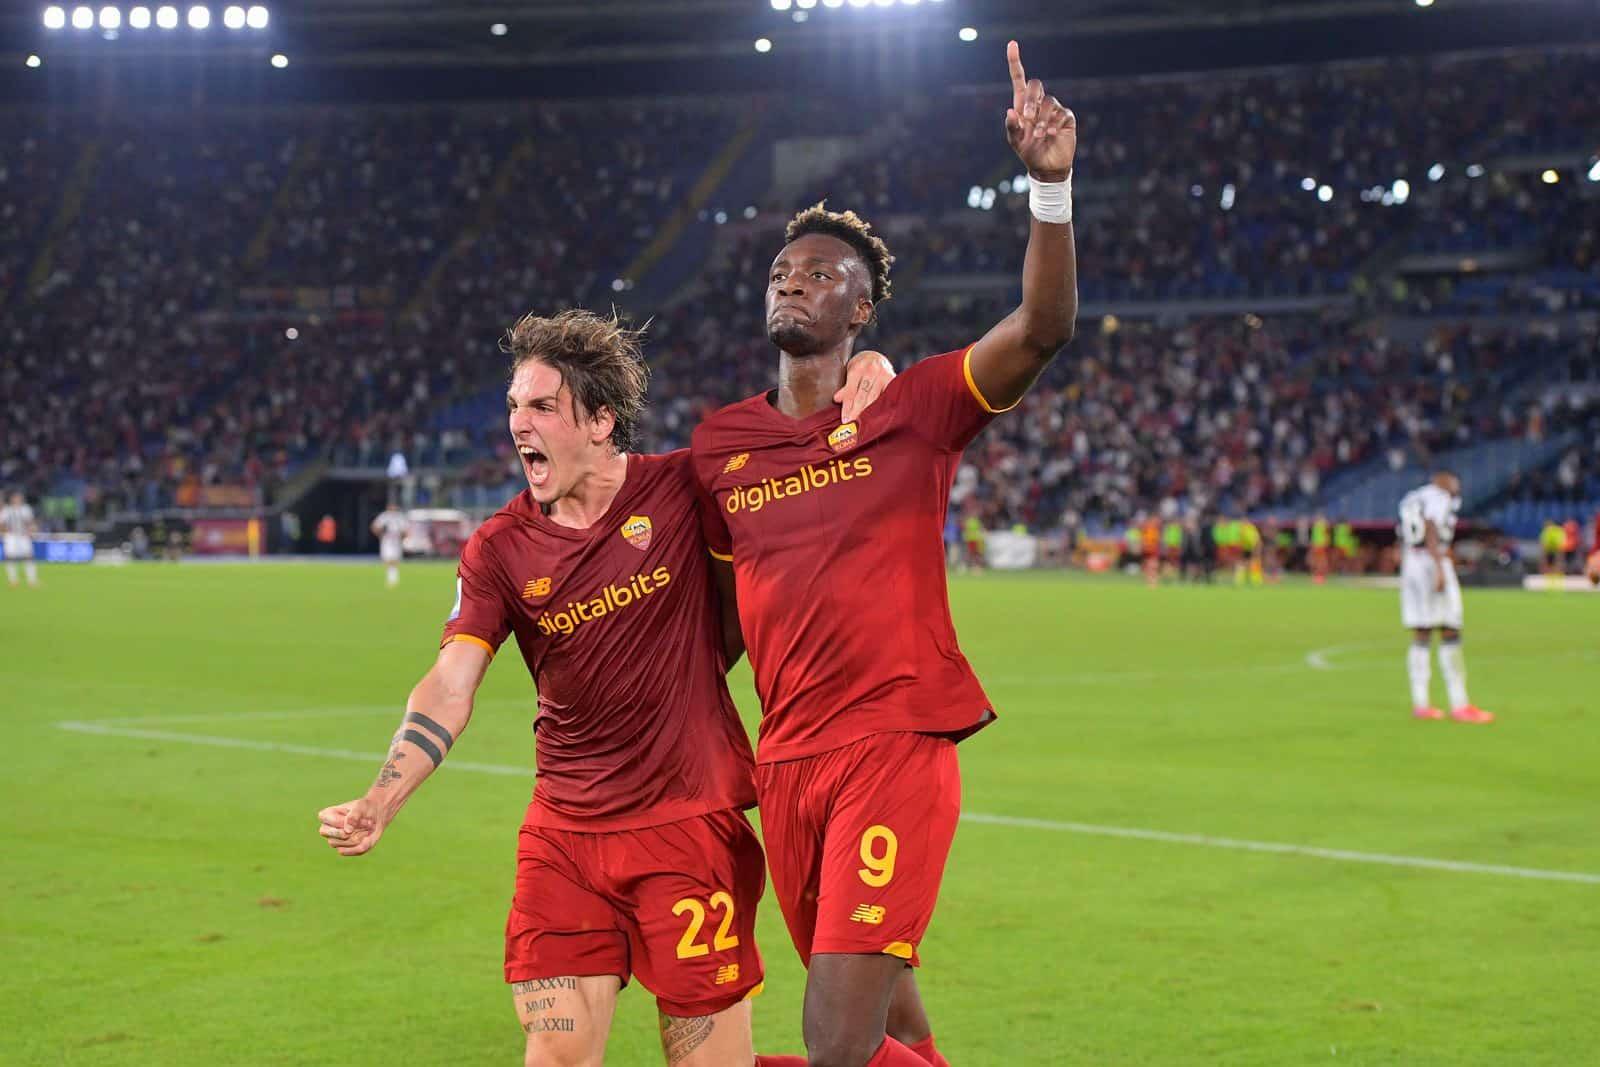 Ponturi pariuri Zorya vs AS Roma